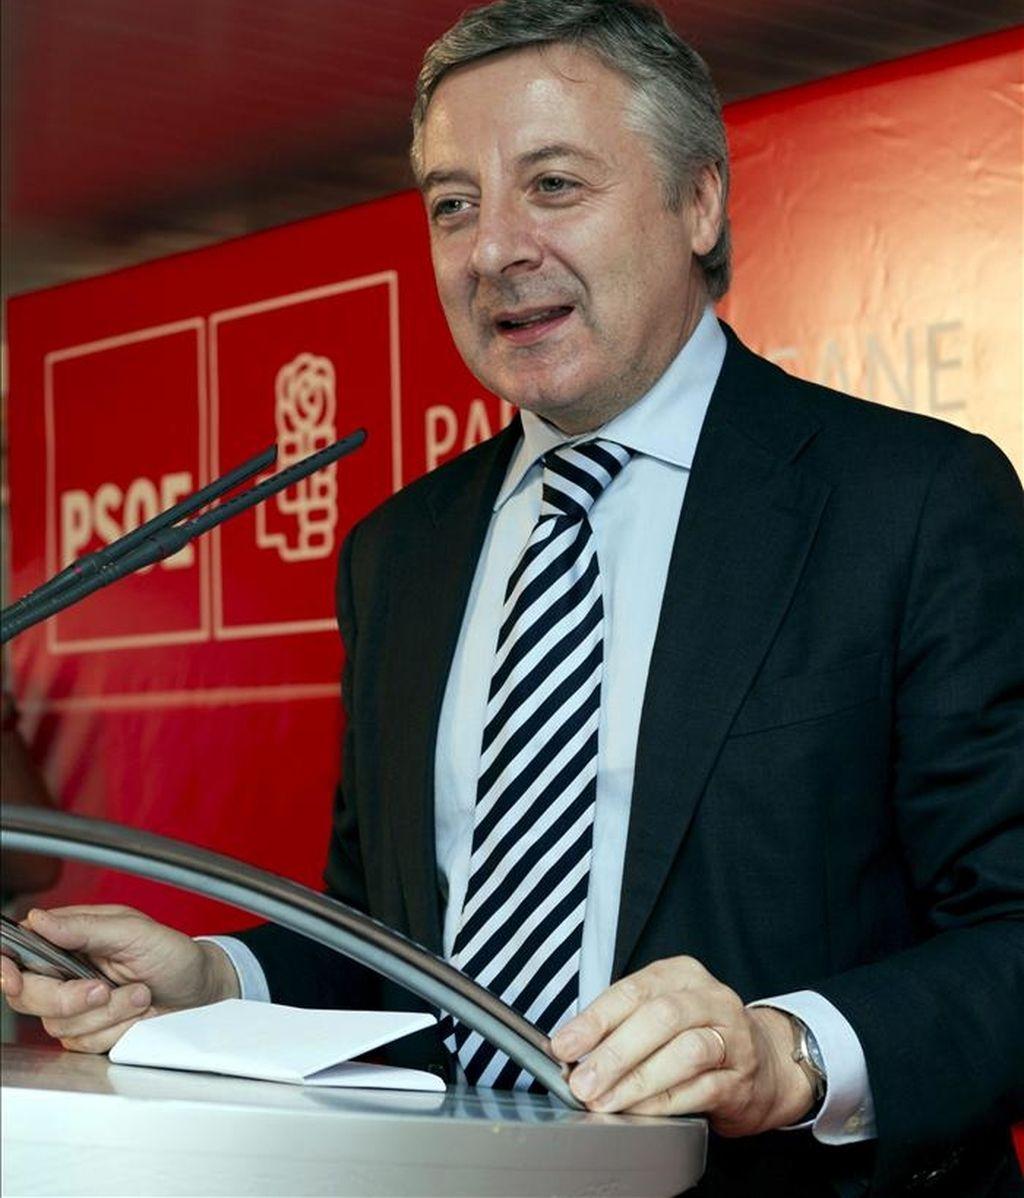 El vicesecretario general del PSOE, José Blanco, durante su intervención en el mitin electoral que se ha celebrado esta tarde en El Arenal, de la localidad mallorquina de Llucmajor. EFE